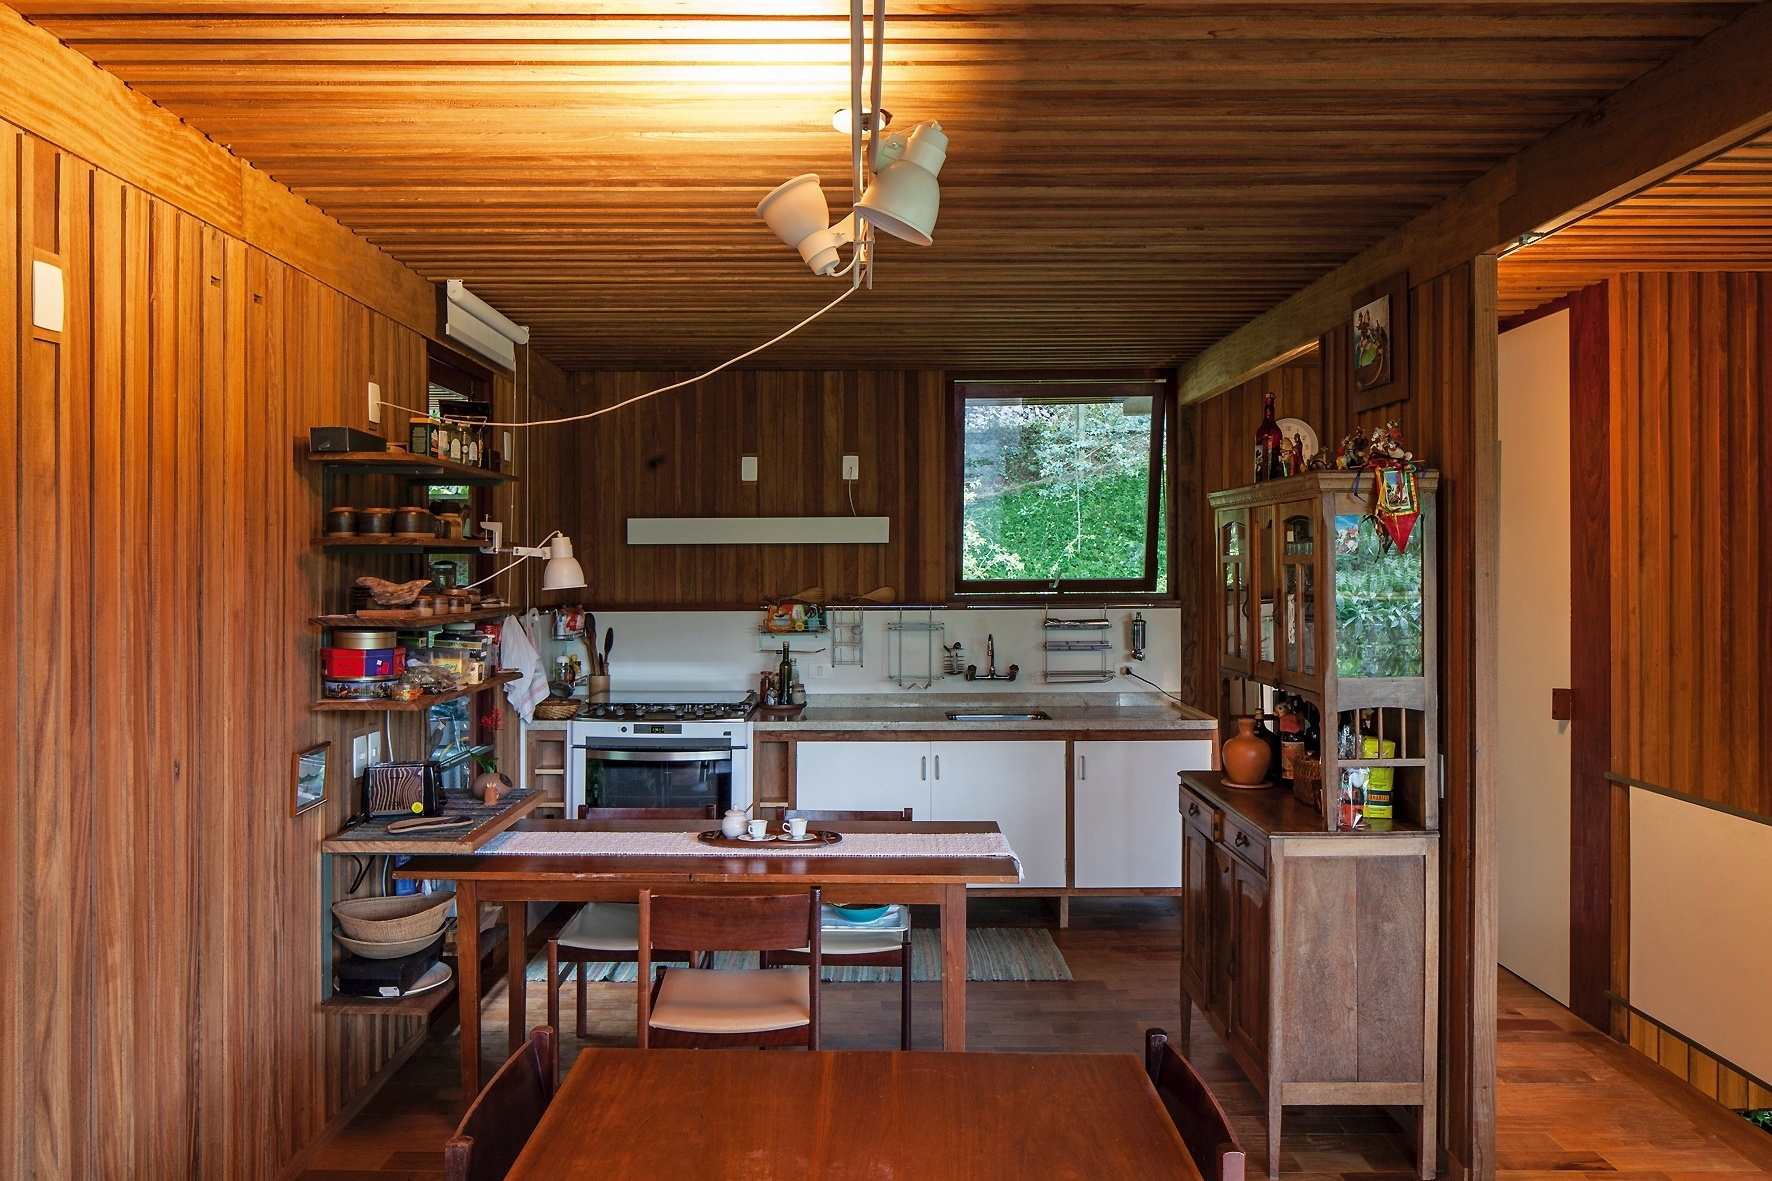 se a porta de vidro que separa a cozinha da lavanderia além da mesa  #B44F11 1772x1181